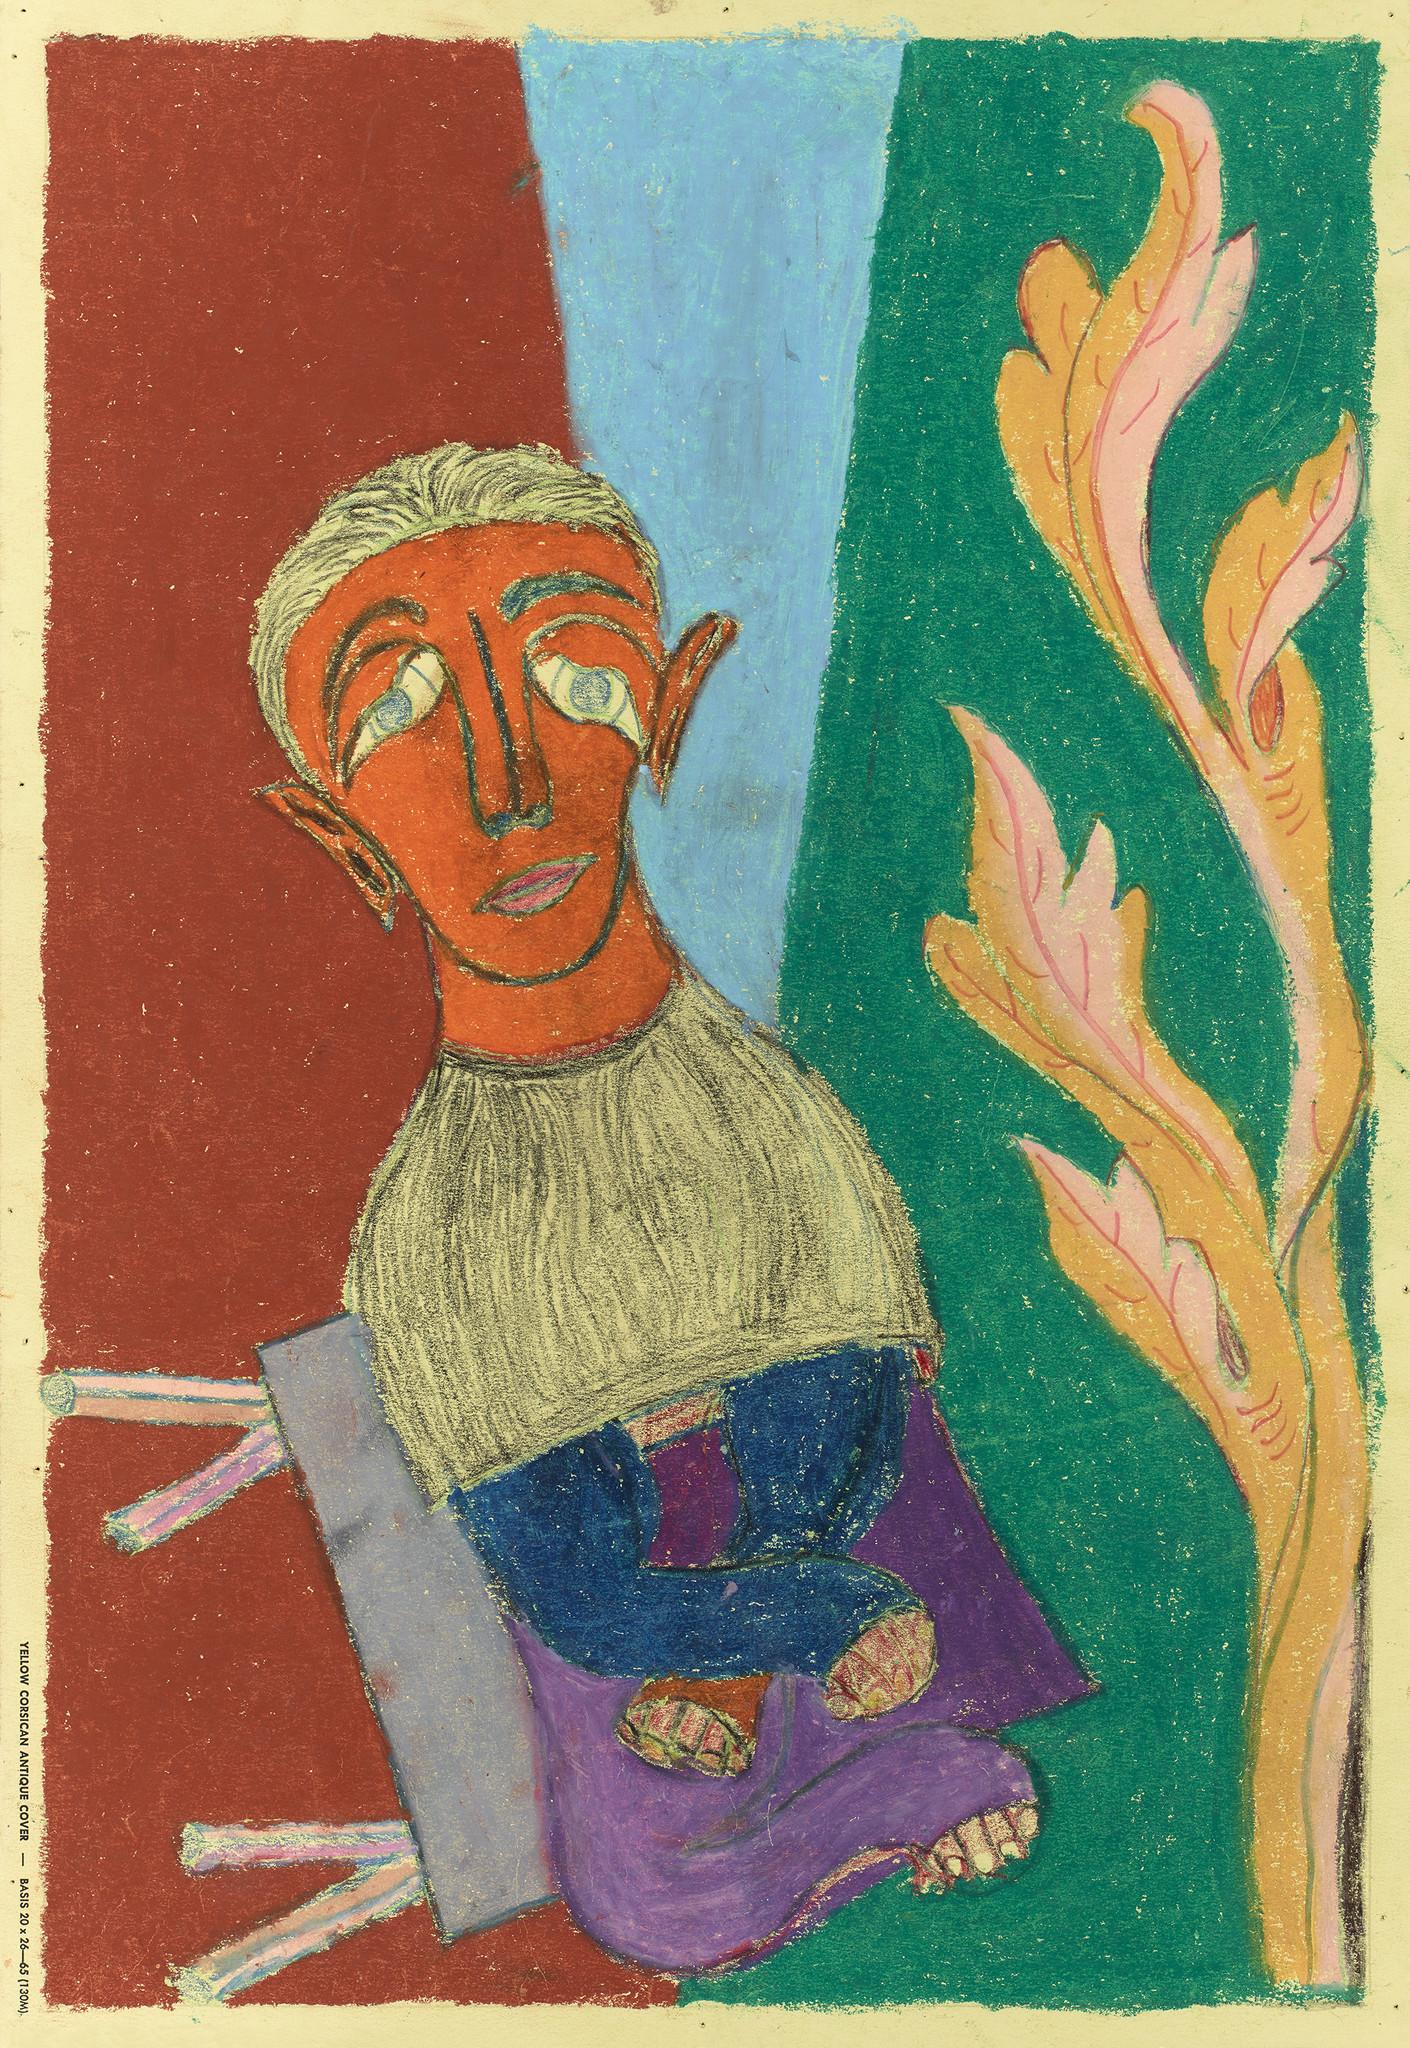 """Jacob Lehman's """"Untitled (Figure seated purple pants),"""" oil pastel on paper."""